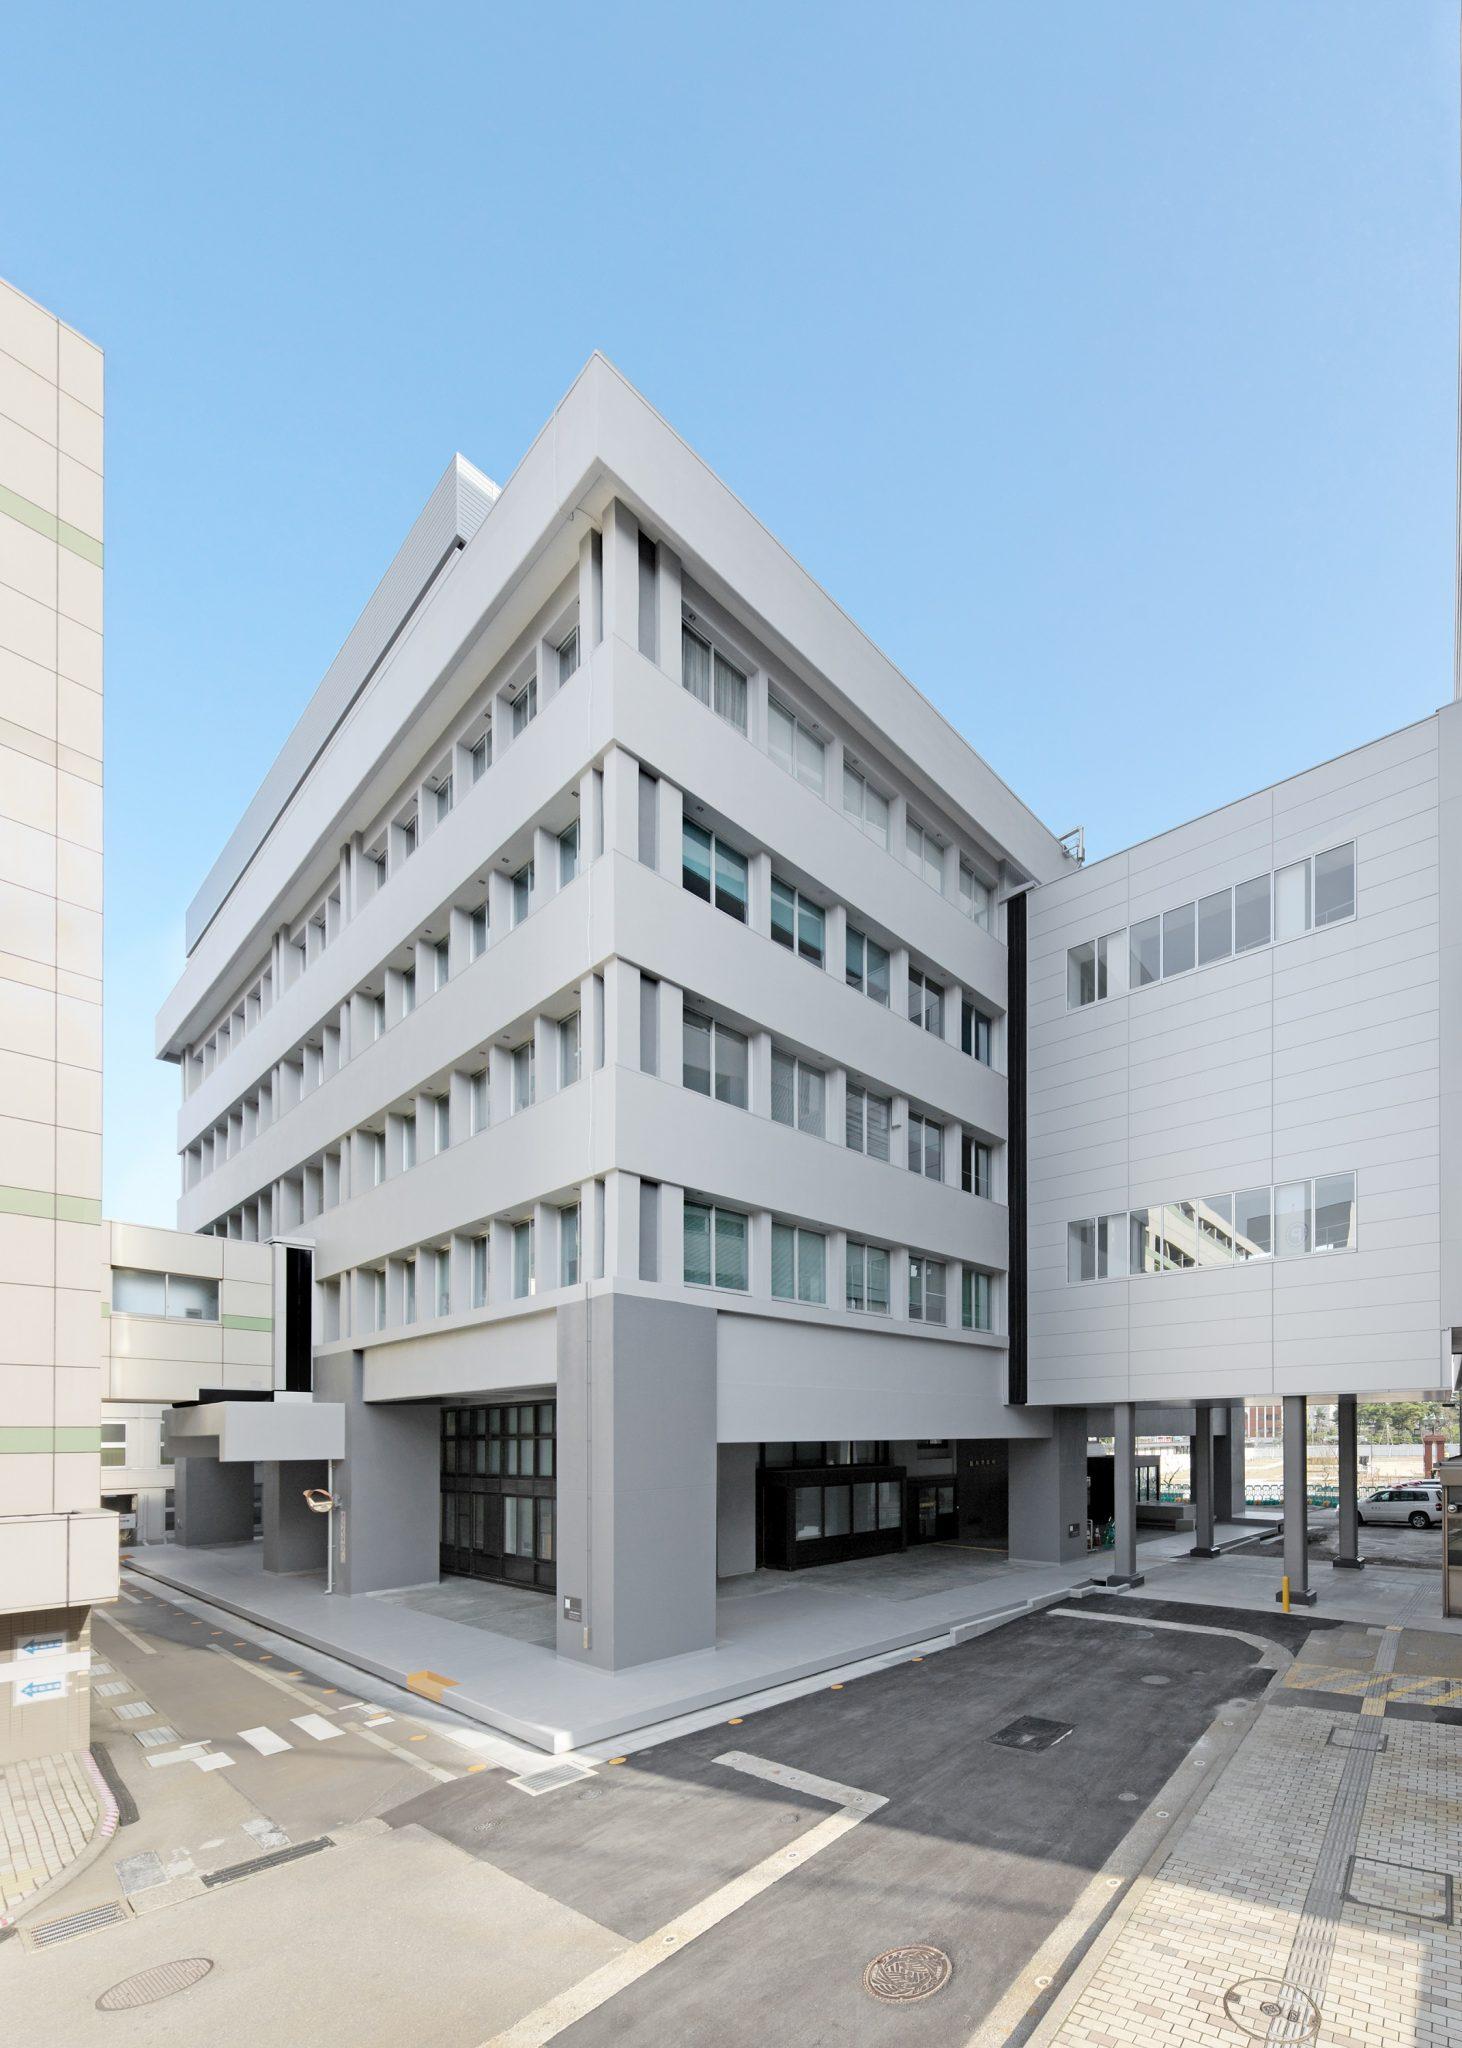 福井市庁舎別館(免震レトロフィットによる耐震補強)